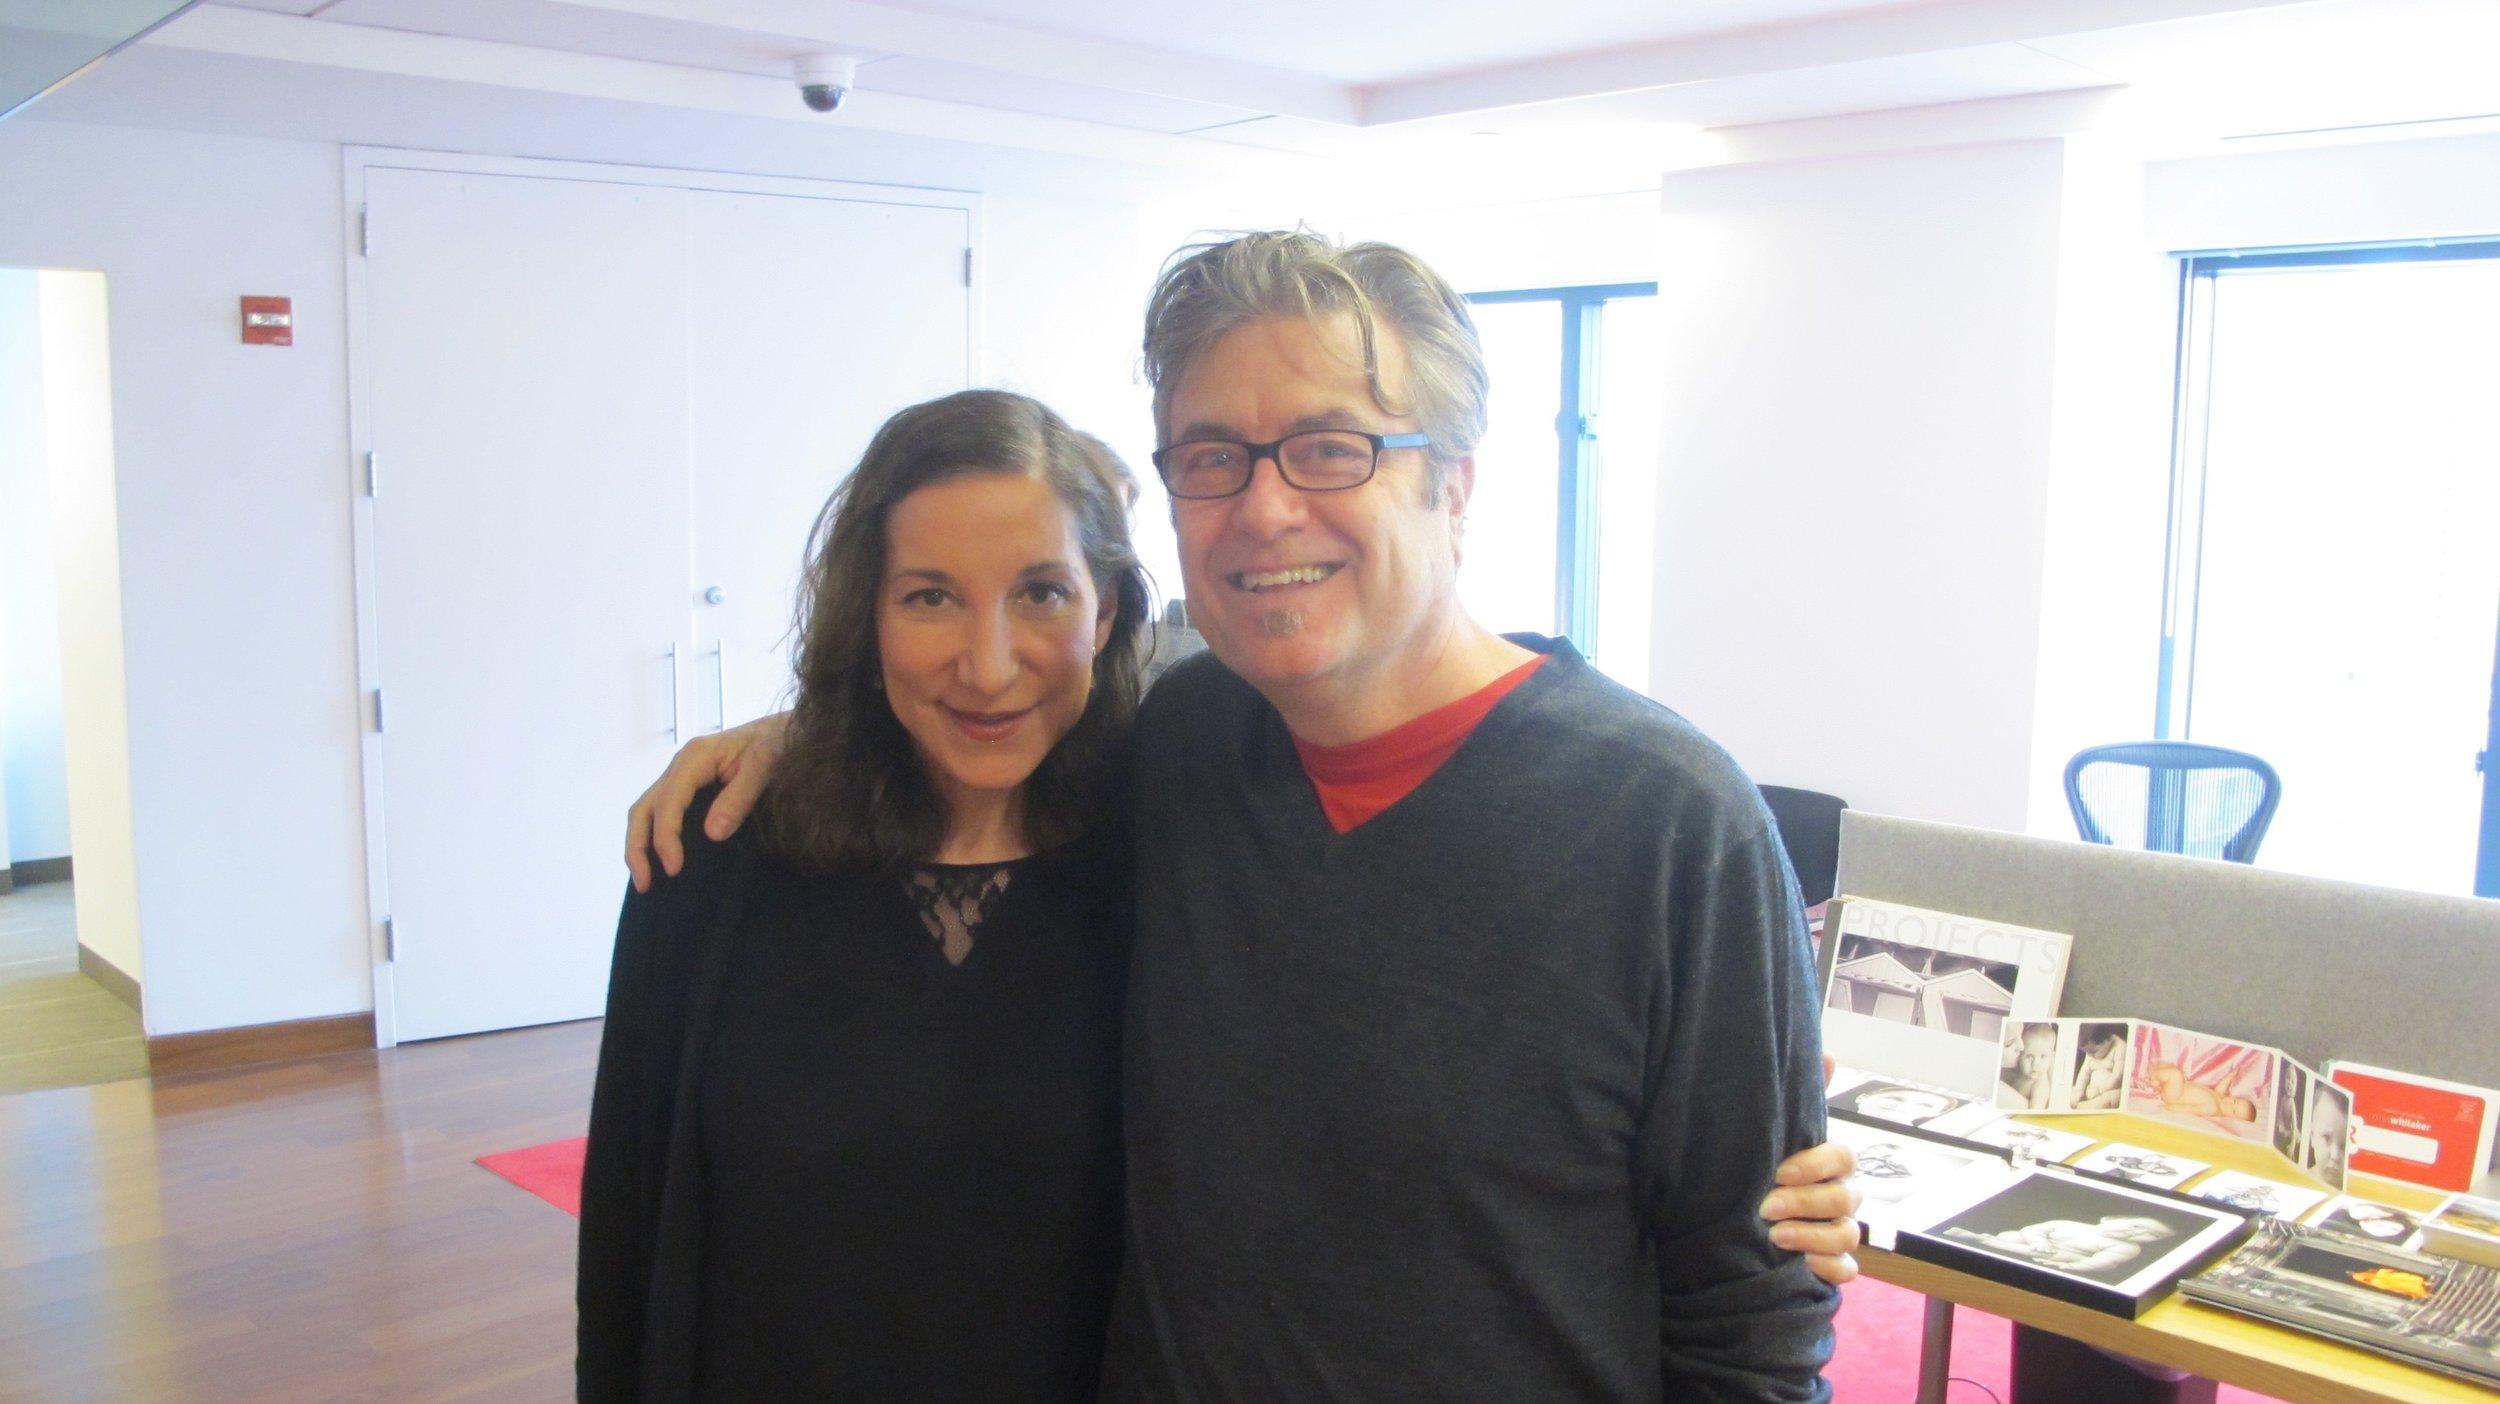 Lucy Raimenga + Jeffrey Apoian